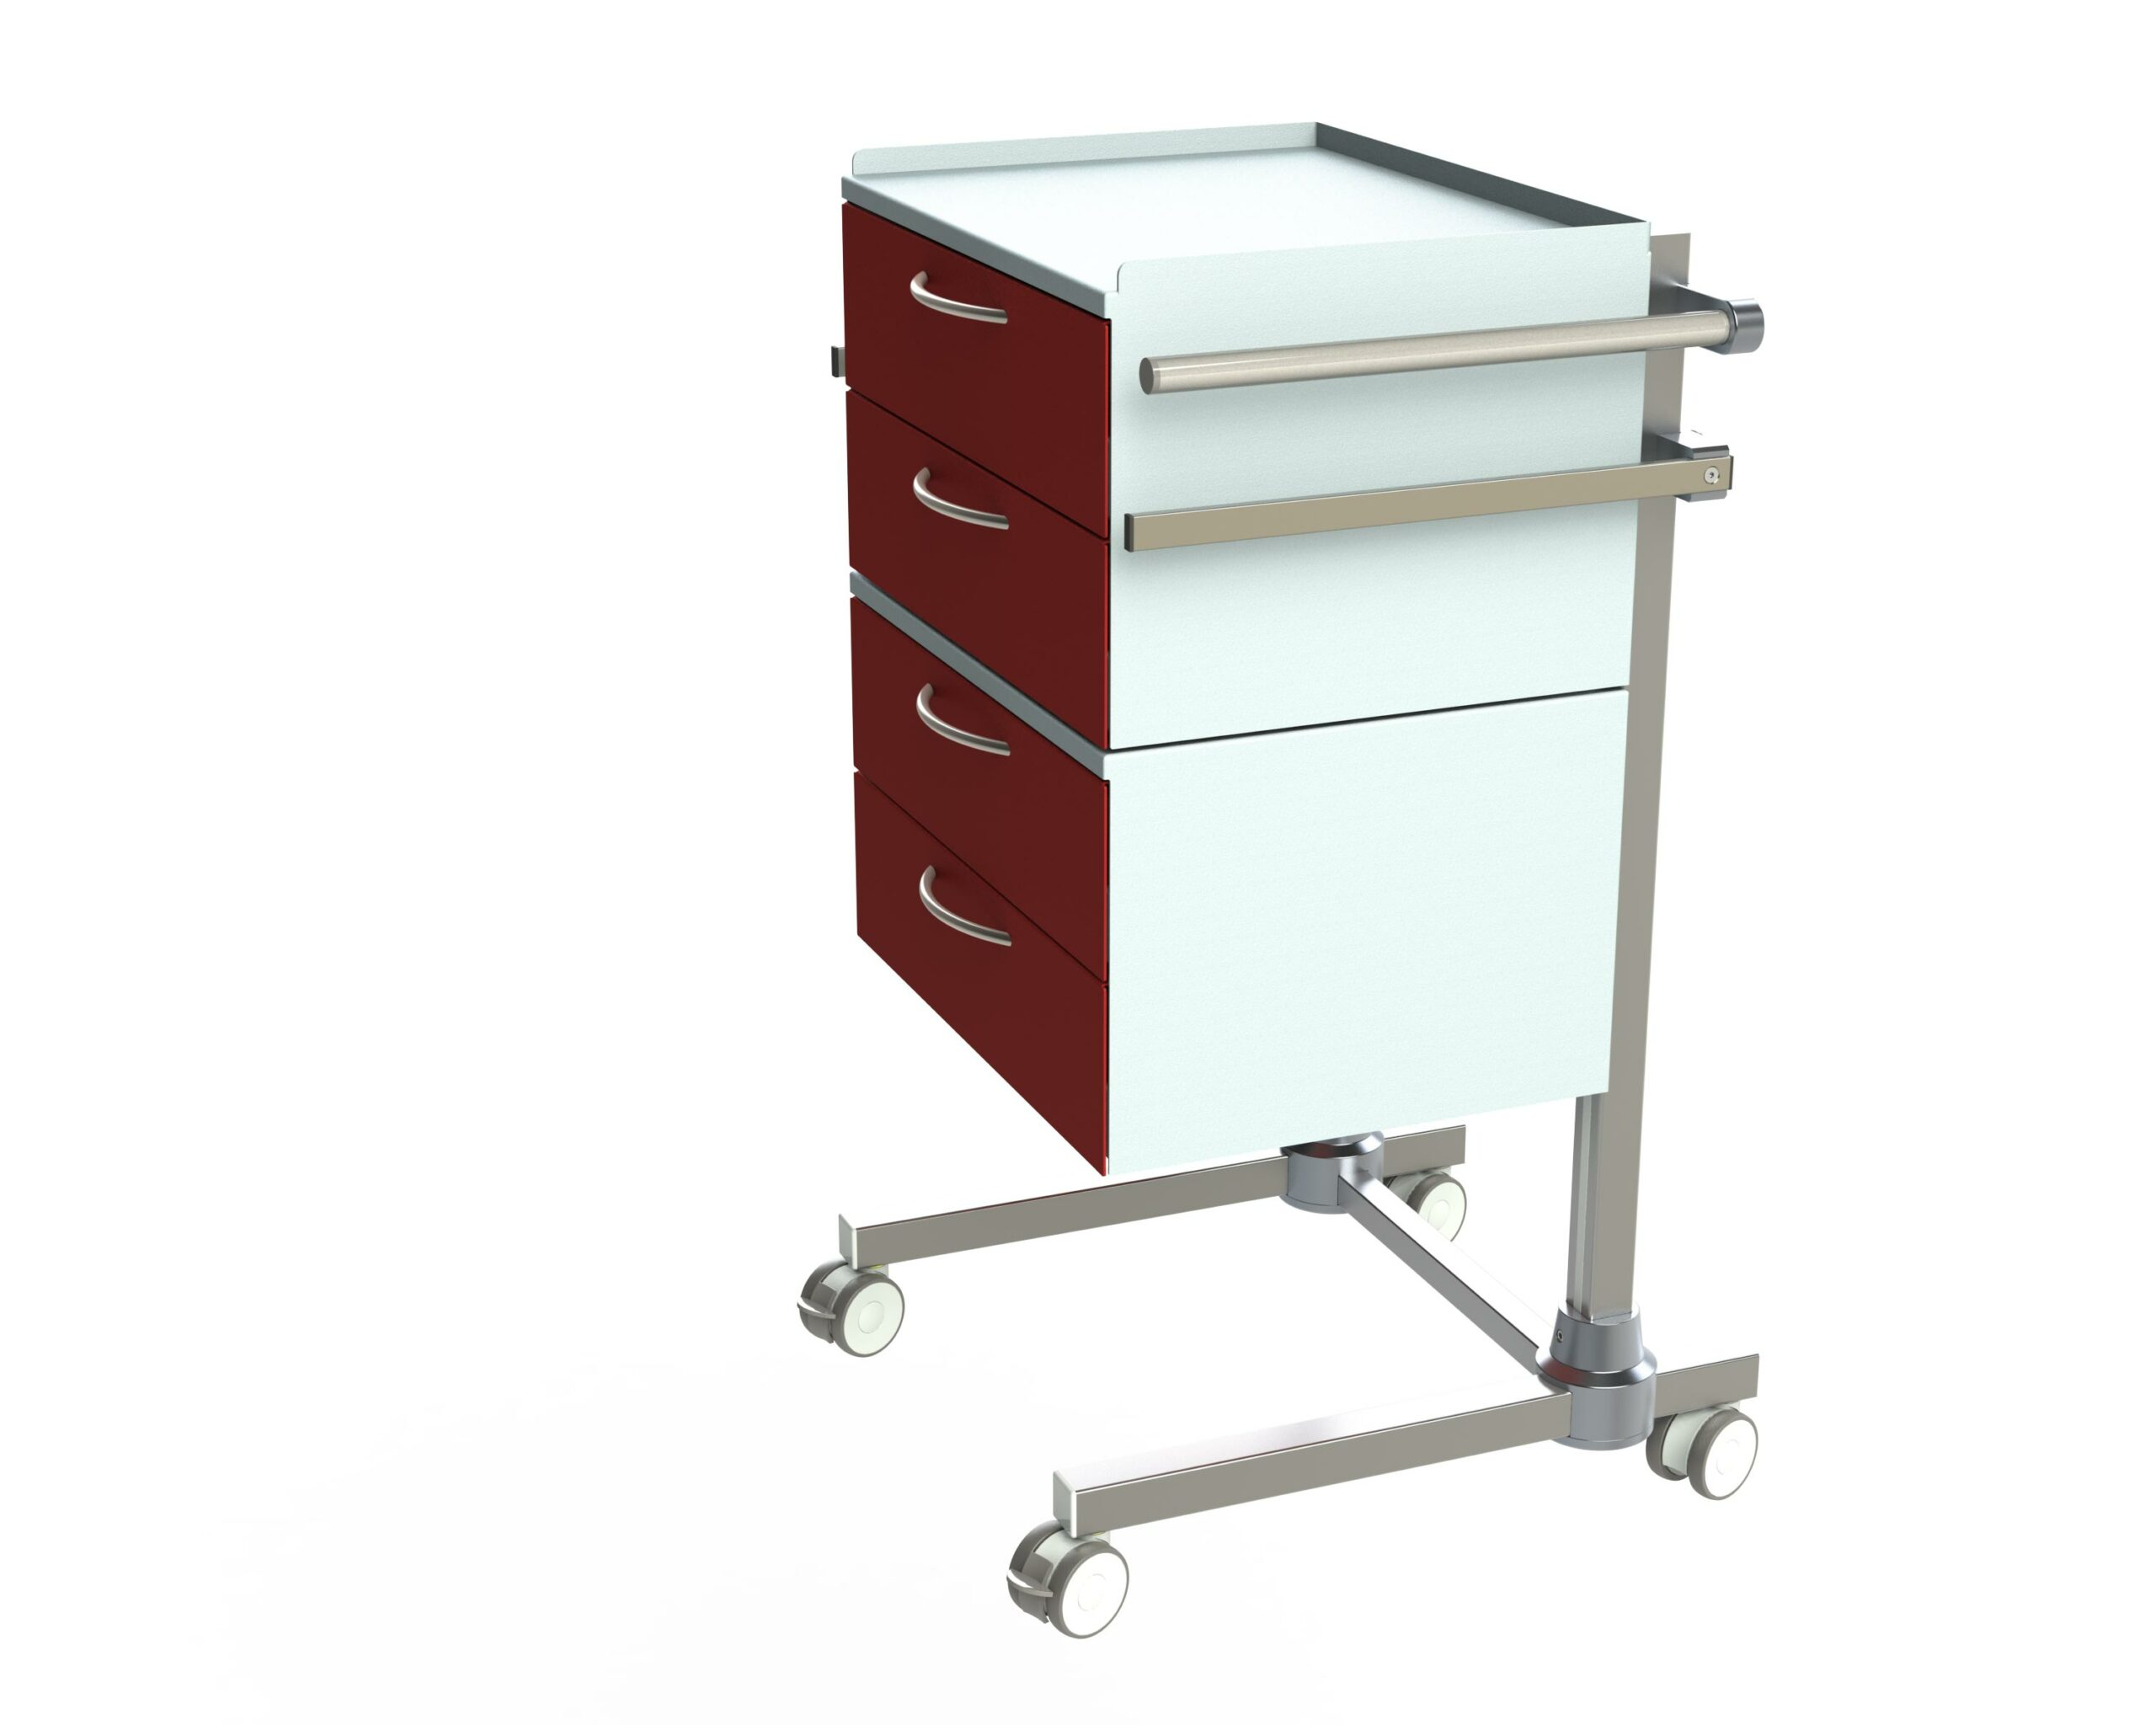 Hygienestation-Henry-4-Schubladen-Schiebegriff